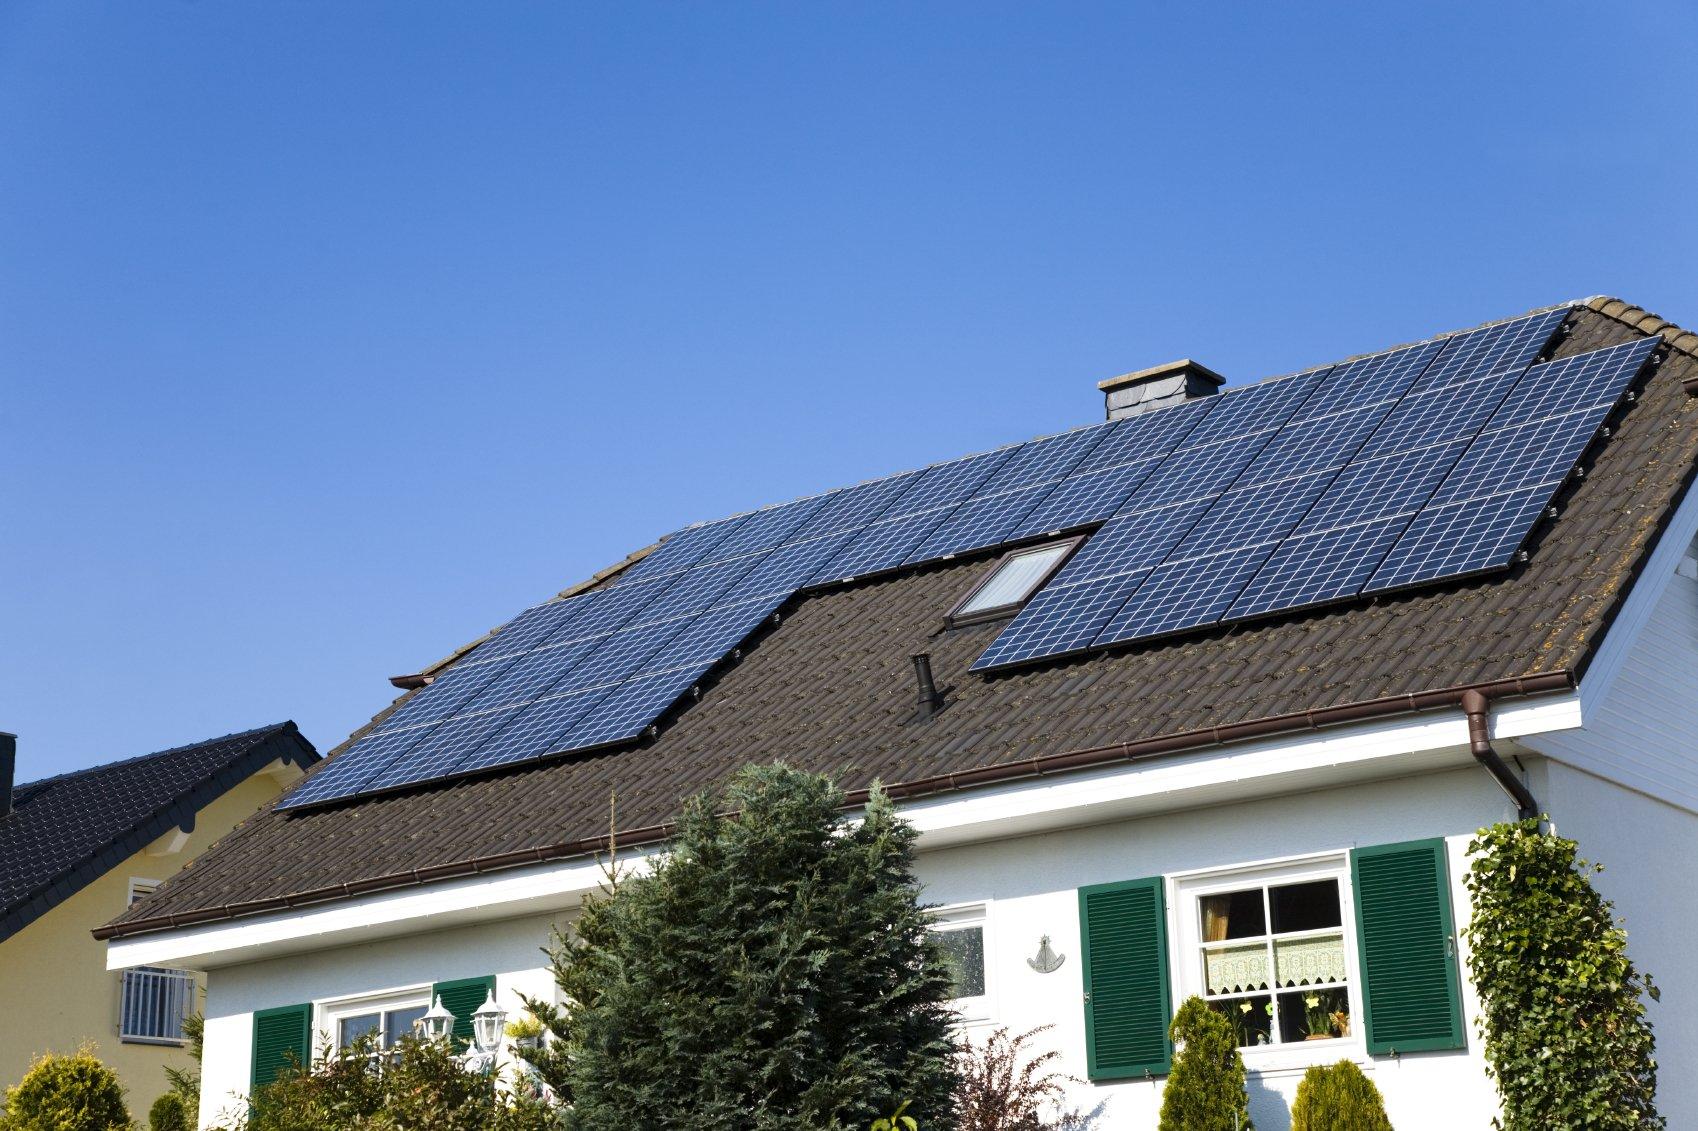 太阳能热水器漏水是什么原因?如何检查?